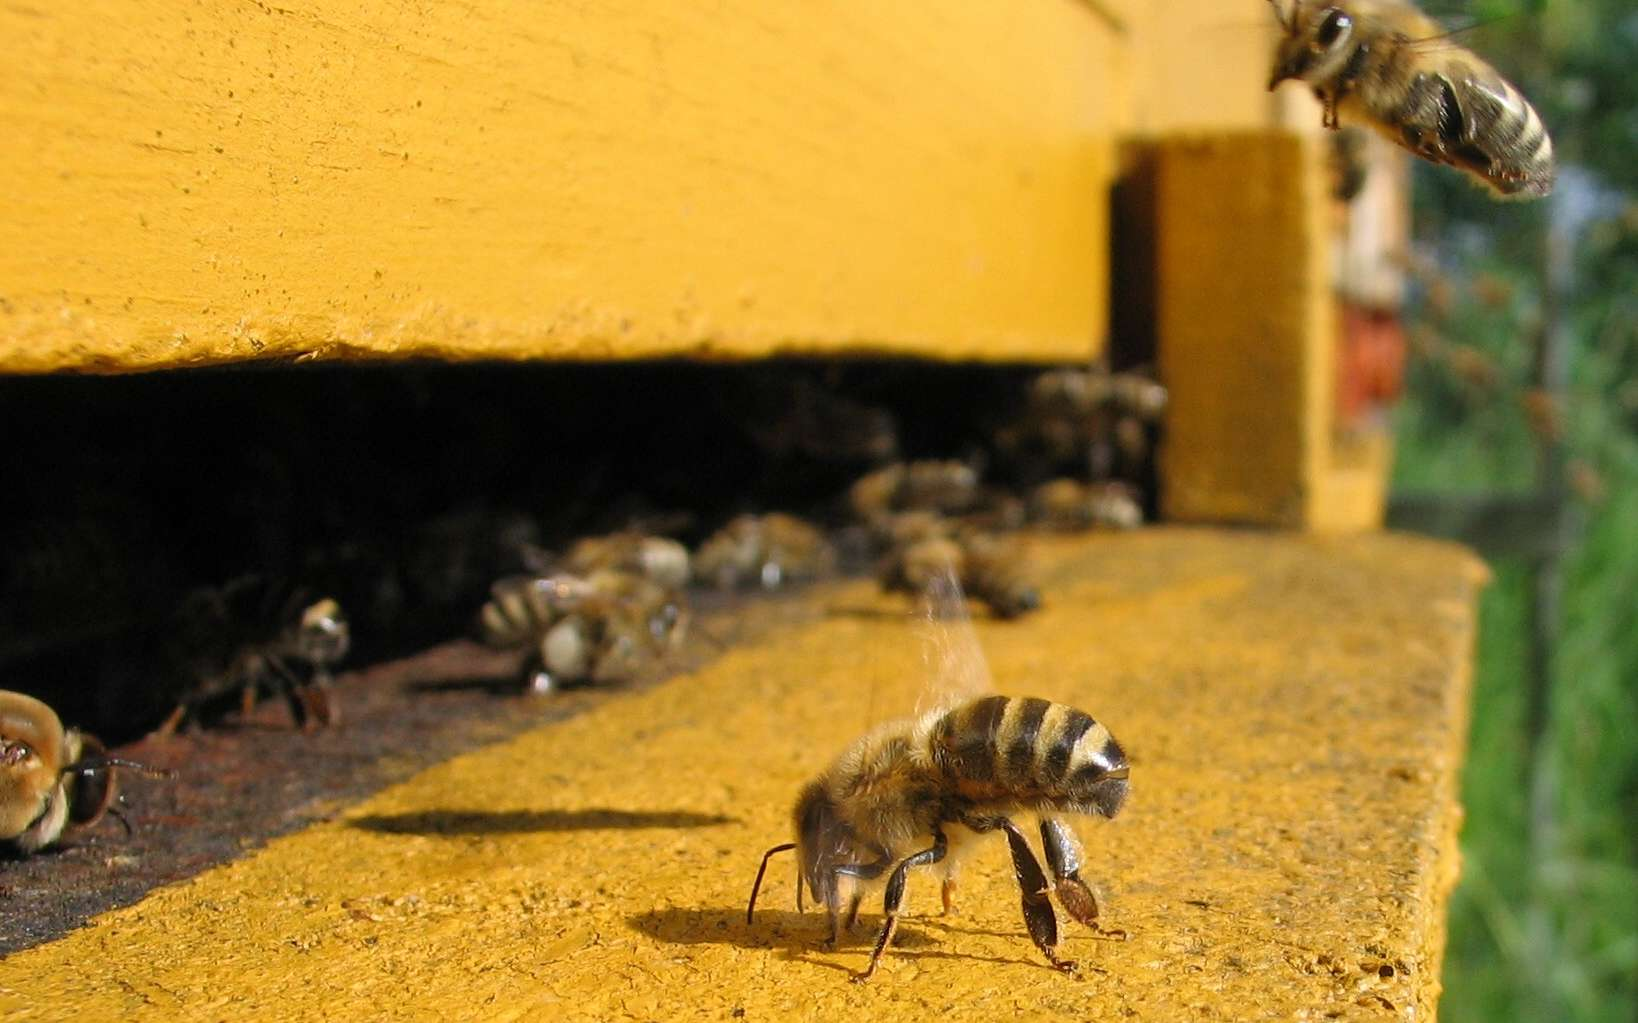 Les gardiennes postées à l'entrée de la ruche assurent la défense de la colonie, une des tâches les plus importantes. © Waugsberg, Wikimedia Commons, CC BY-SA 3.0